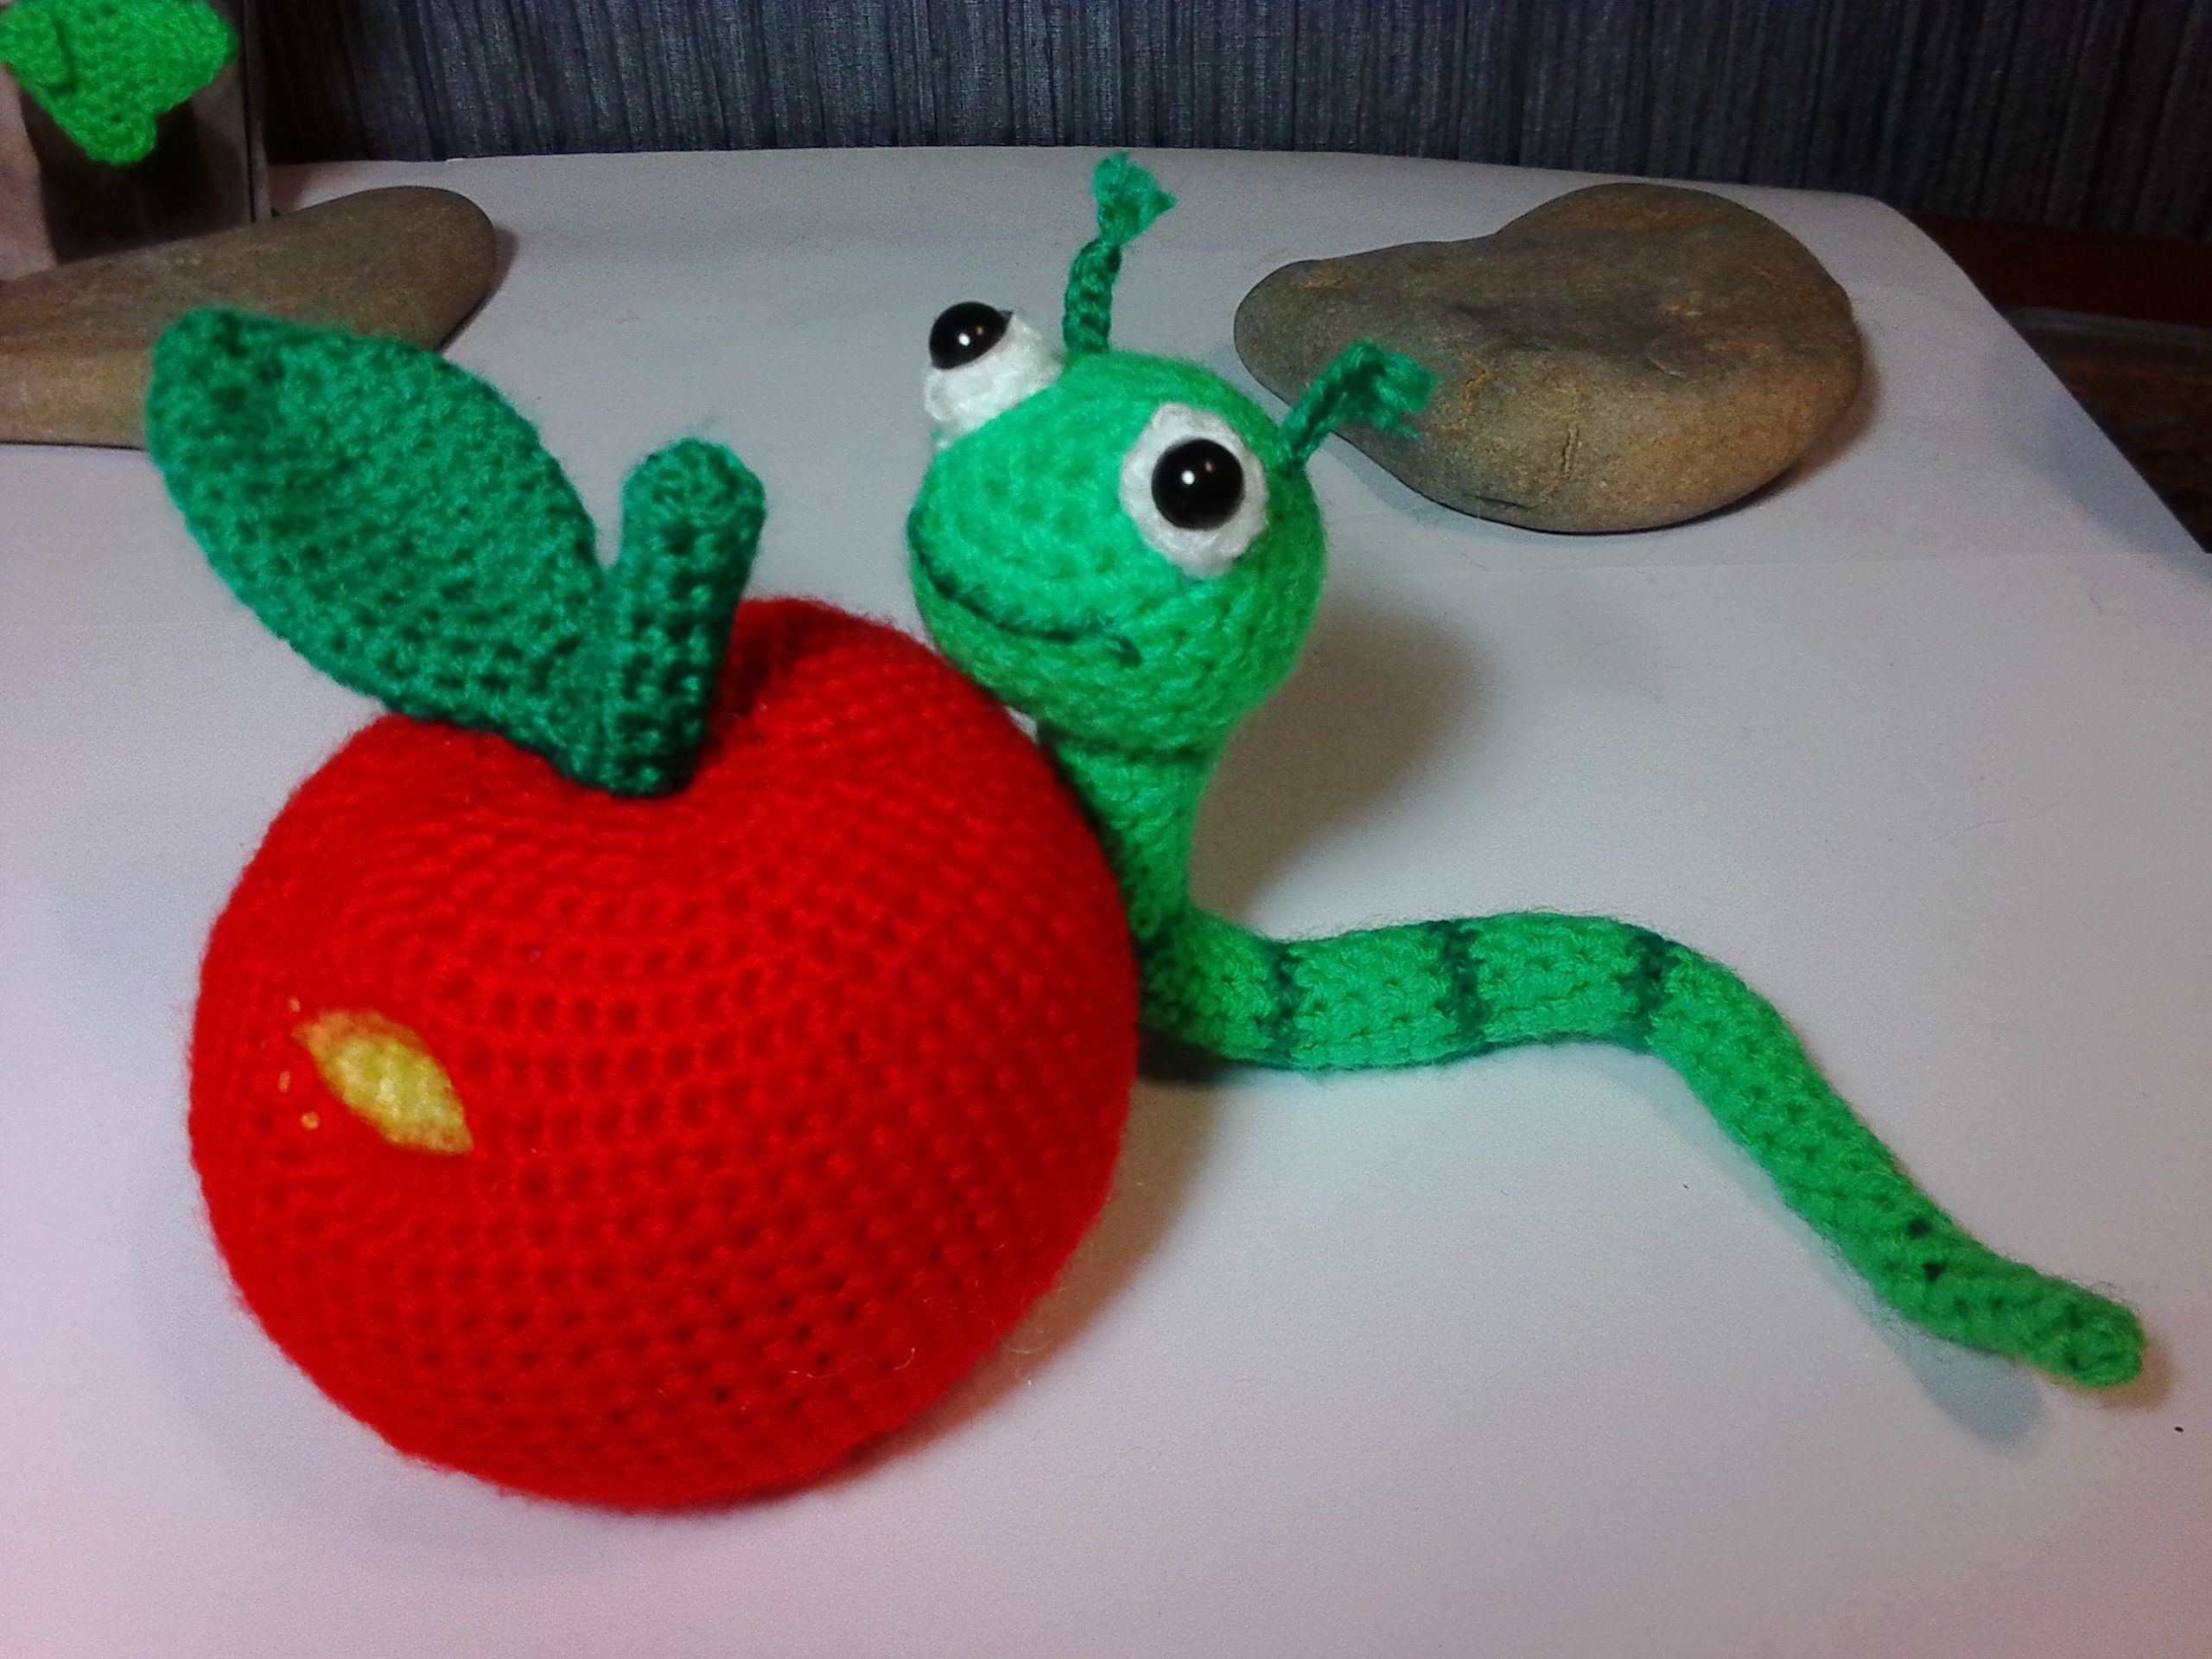 классы игрушки мастер вязание ручная сувениры яблоко вязанные работа крючком подарки